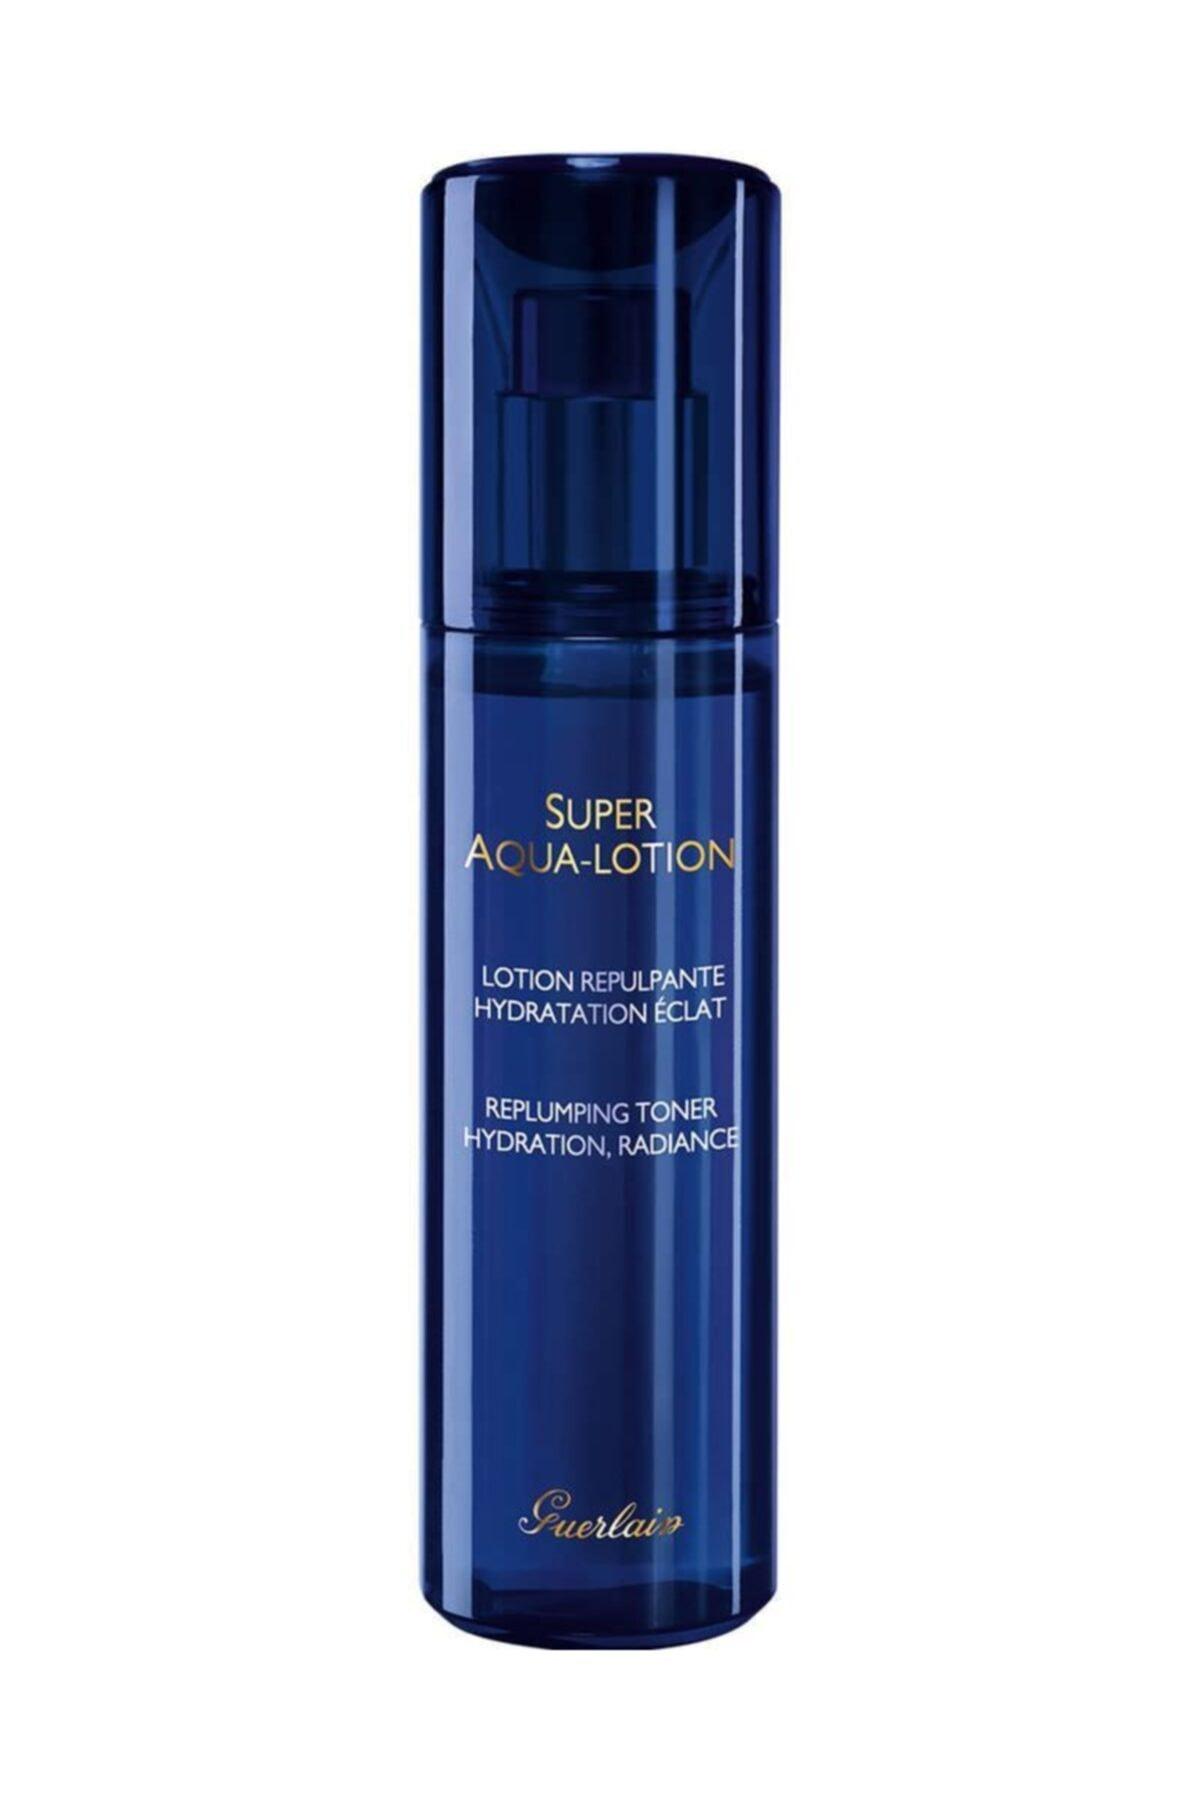 Guerlain Super Aqua Lotion Replumping Toner 150 ml Tonik 1